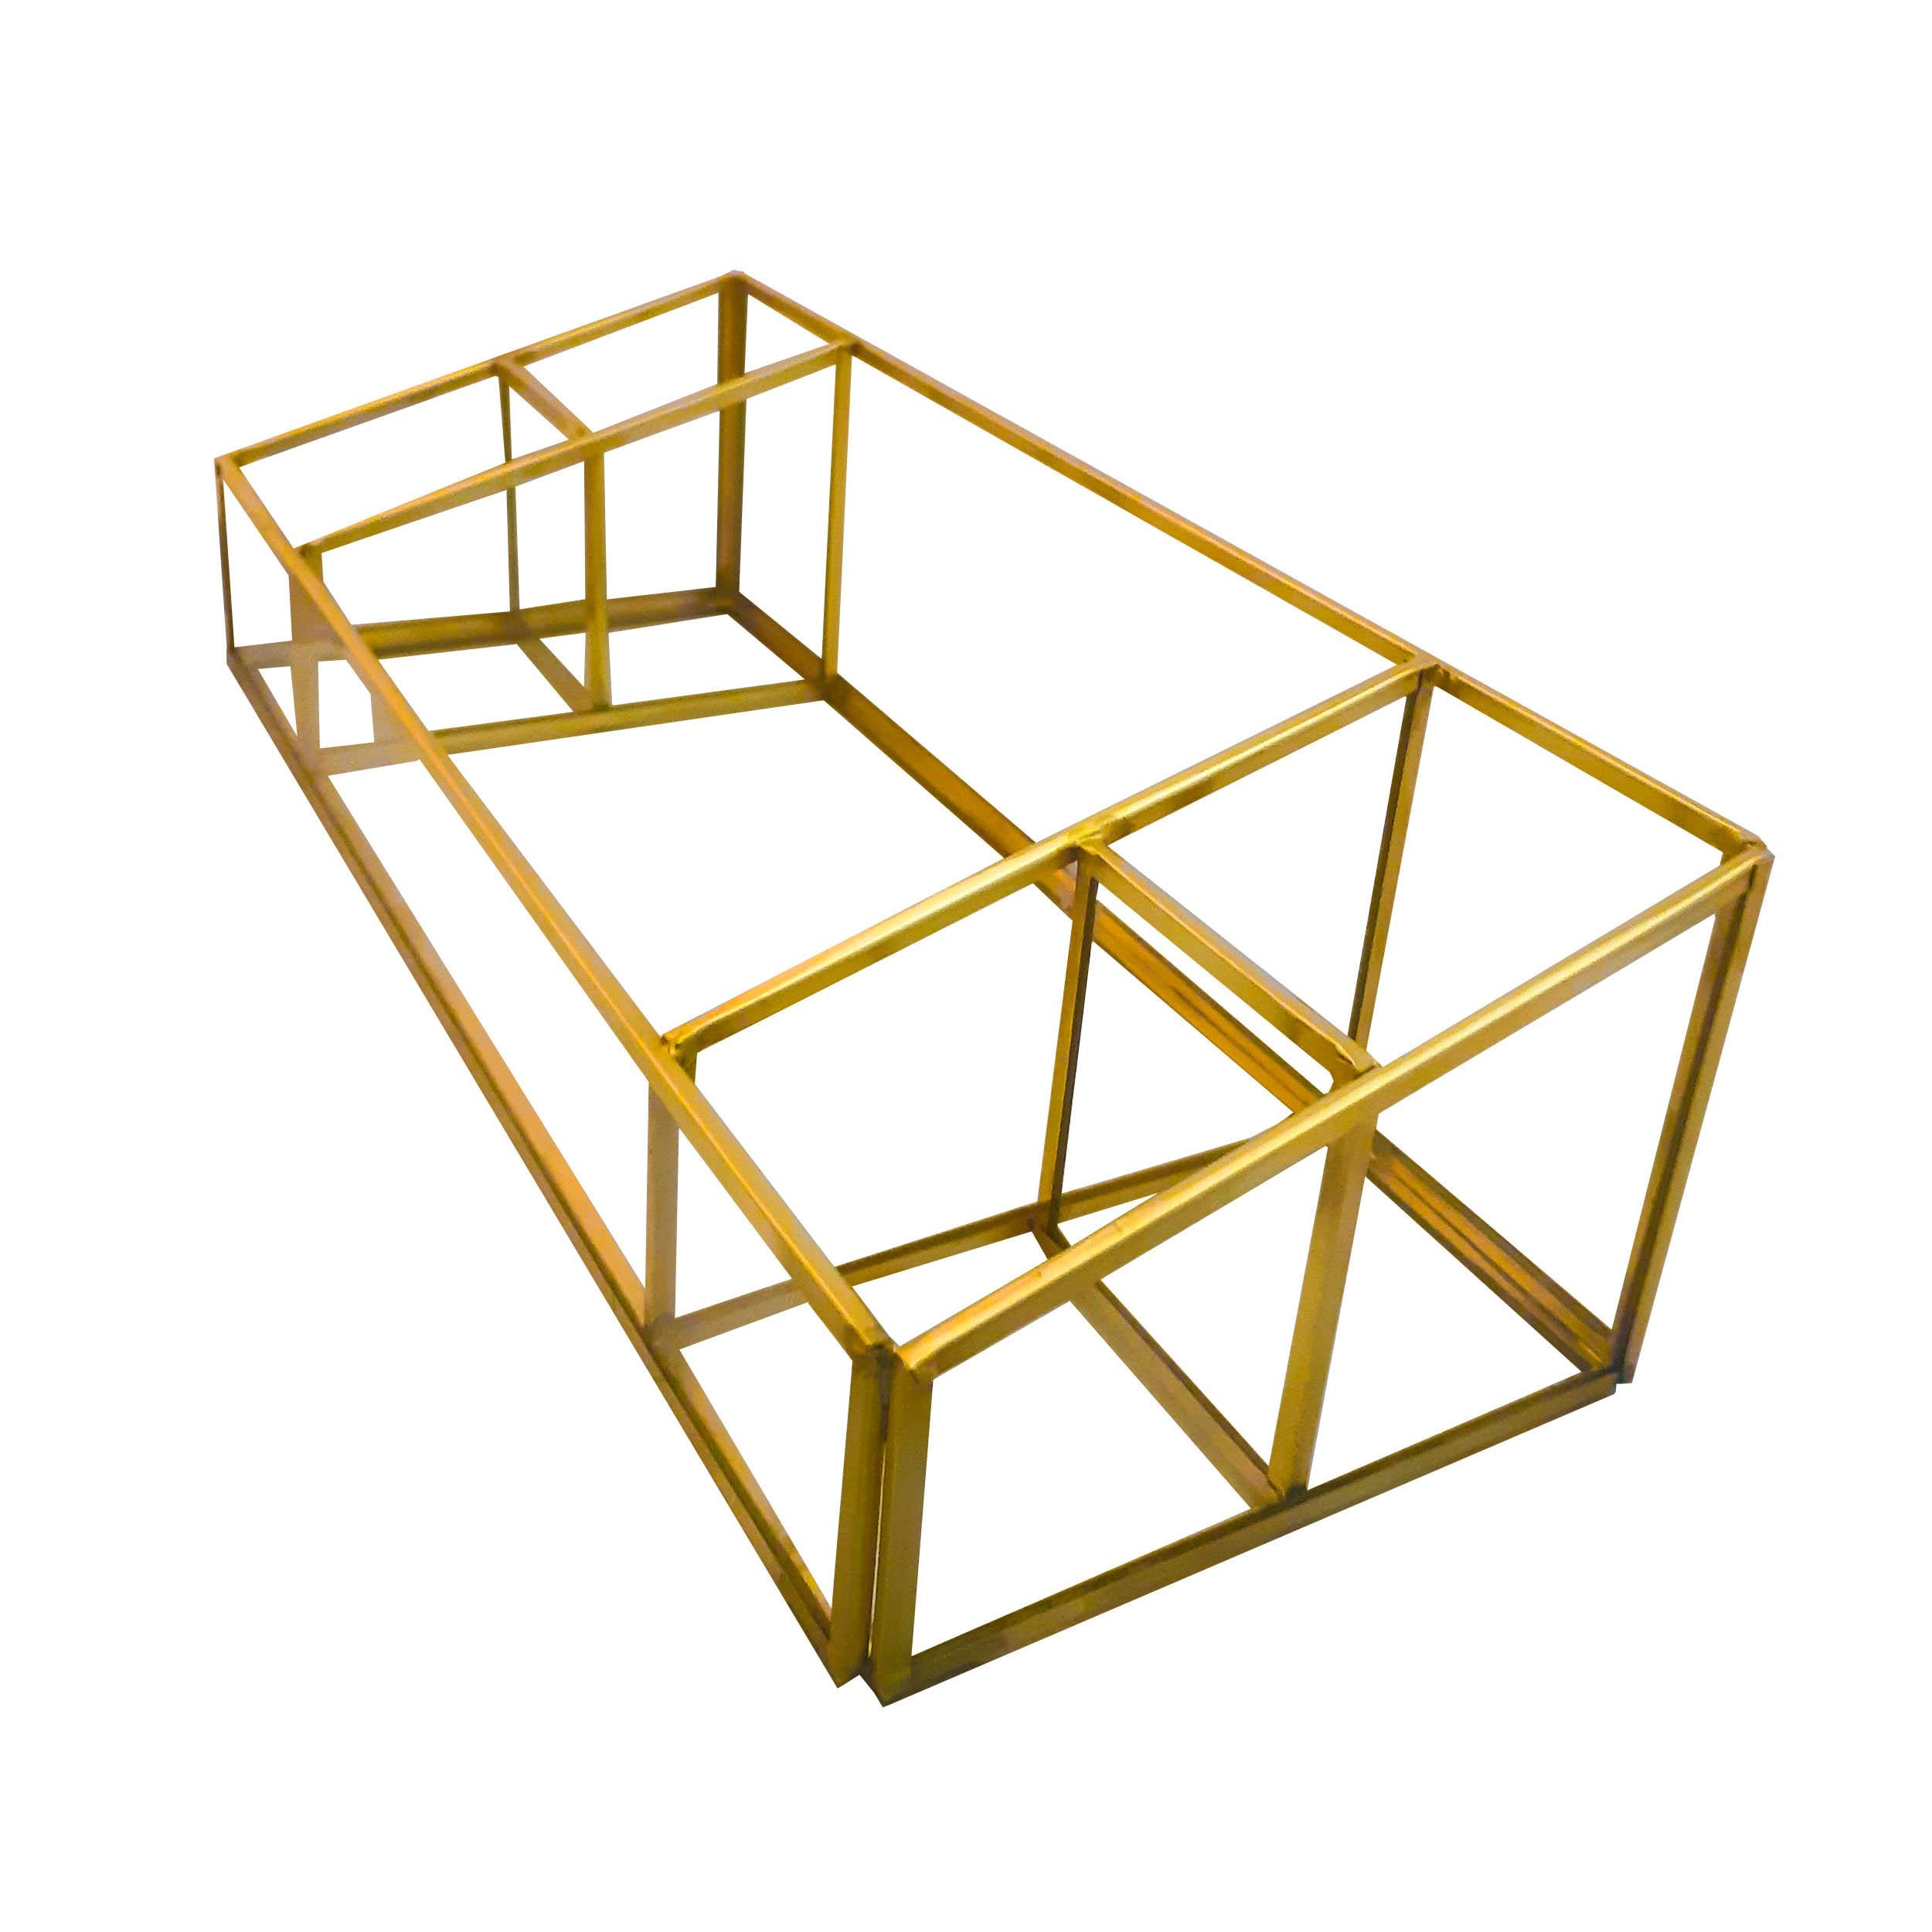 استند شیشه ای مدل کالیستا کد manfi1